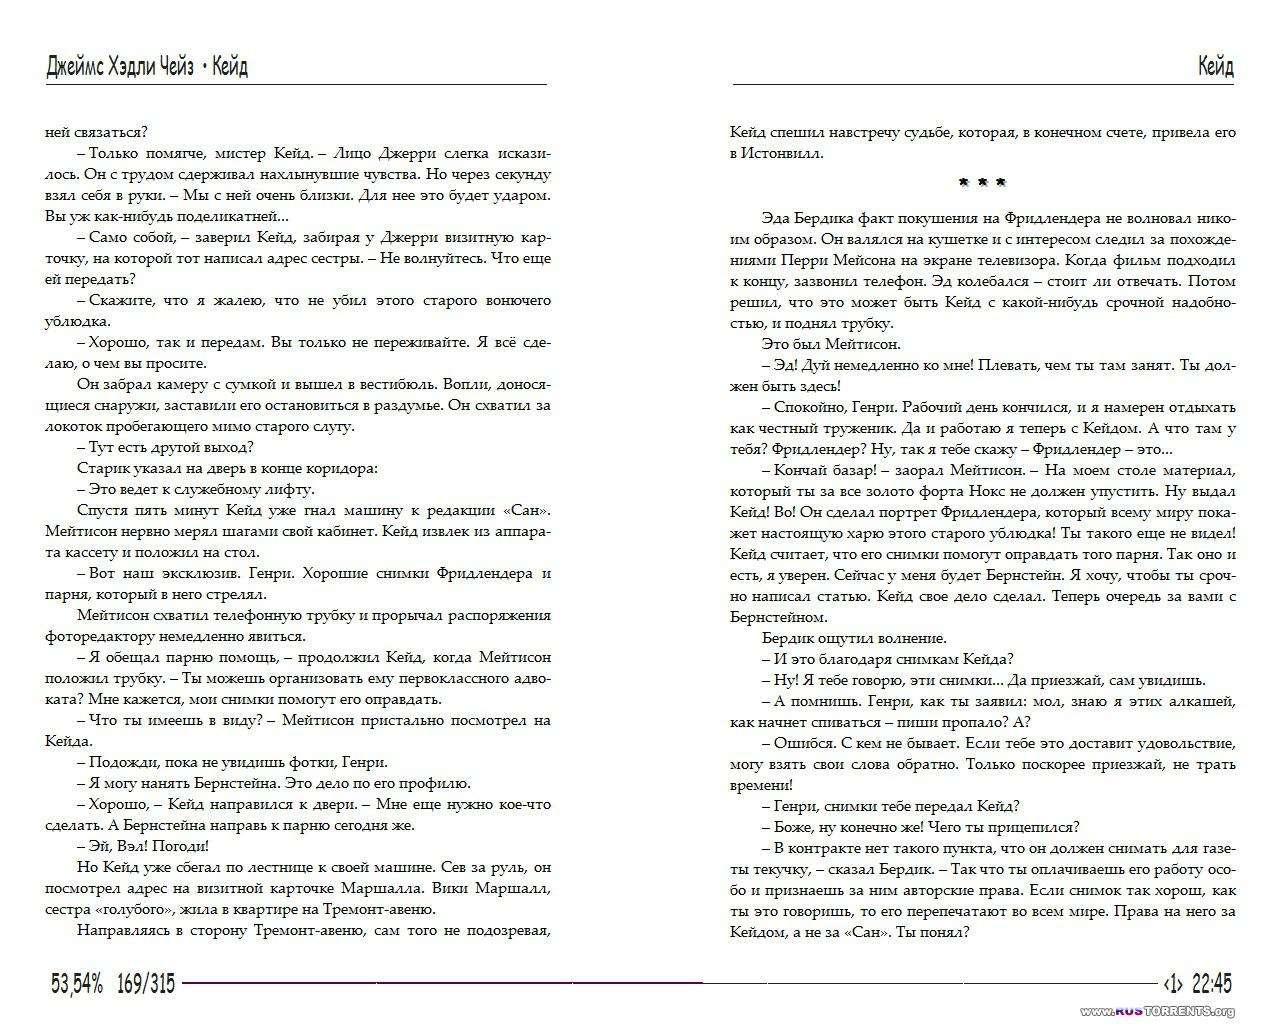 Джеймс Хэдли Чейз - Собрание сочинений (1940 - 2007)